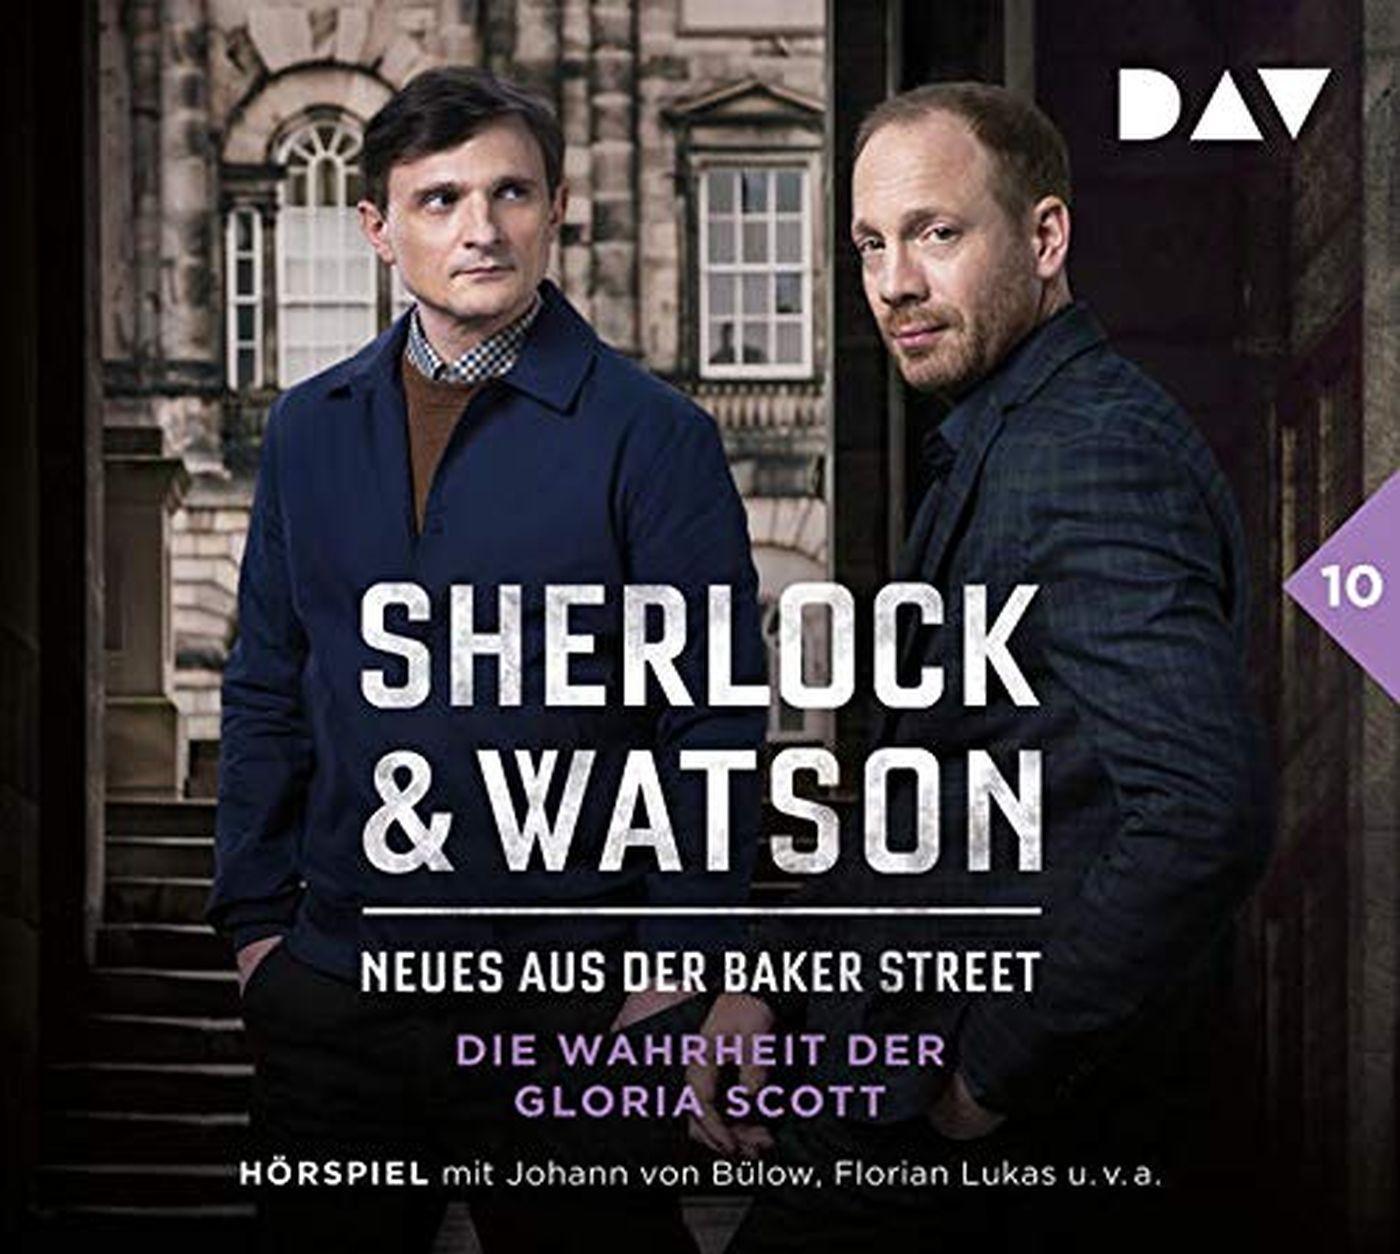 Sherlock & Watson – Neues aus der Baker Street: Die Wahrheit der Gloria Scott (Fall 10)